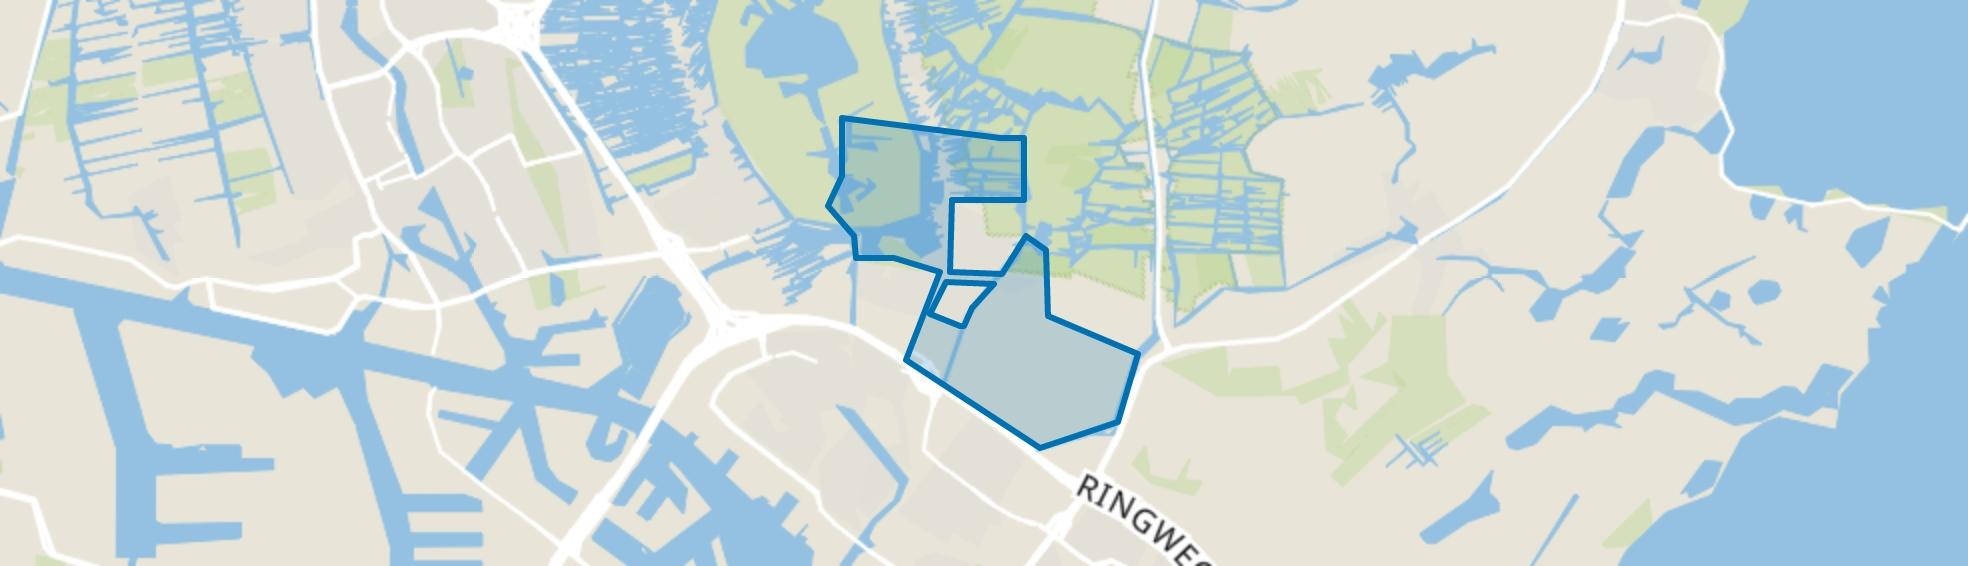 Landsmeer, Landsmeer map